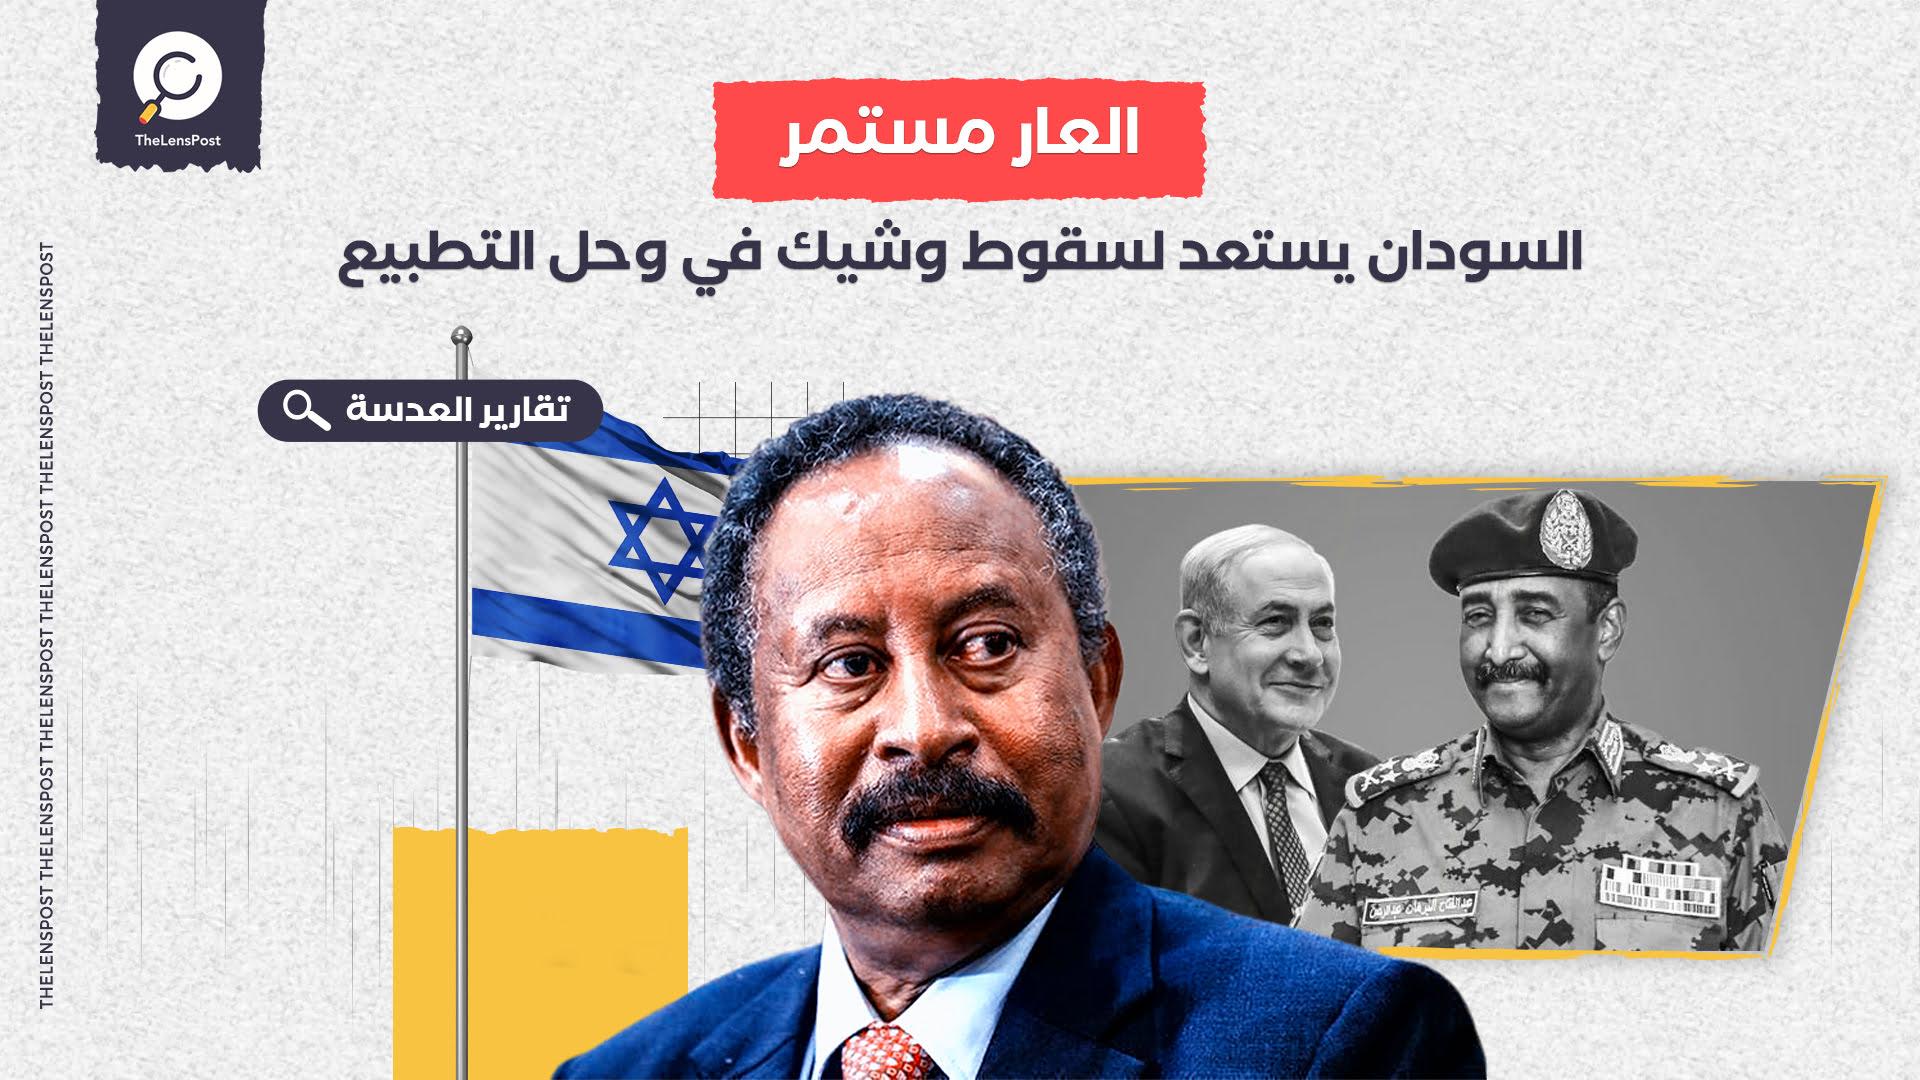 تأكيد متبادل وتحفيز سعودي.. السودان يستعد لسقوط وشيك في وحل التطبيع